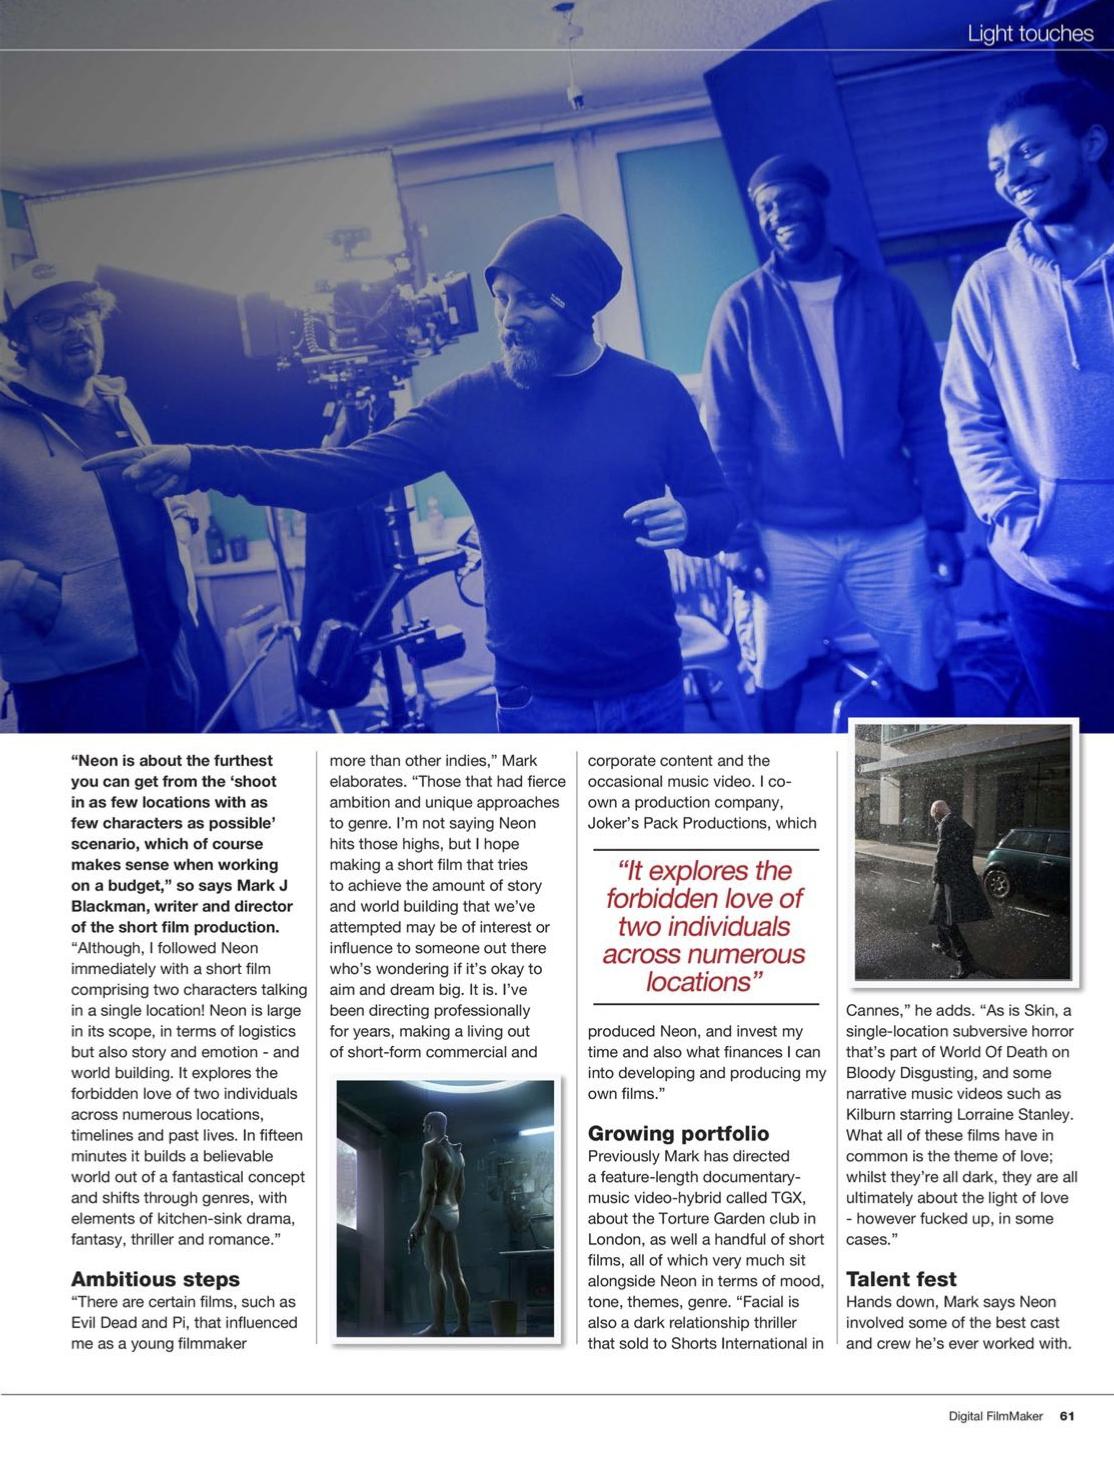 Neon - Digital Filmmaker spread (May 2018)_P2.jpg